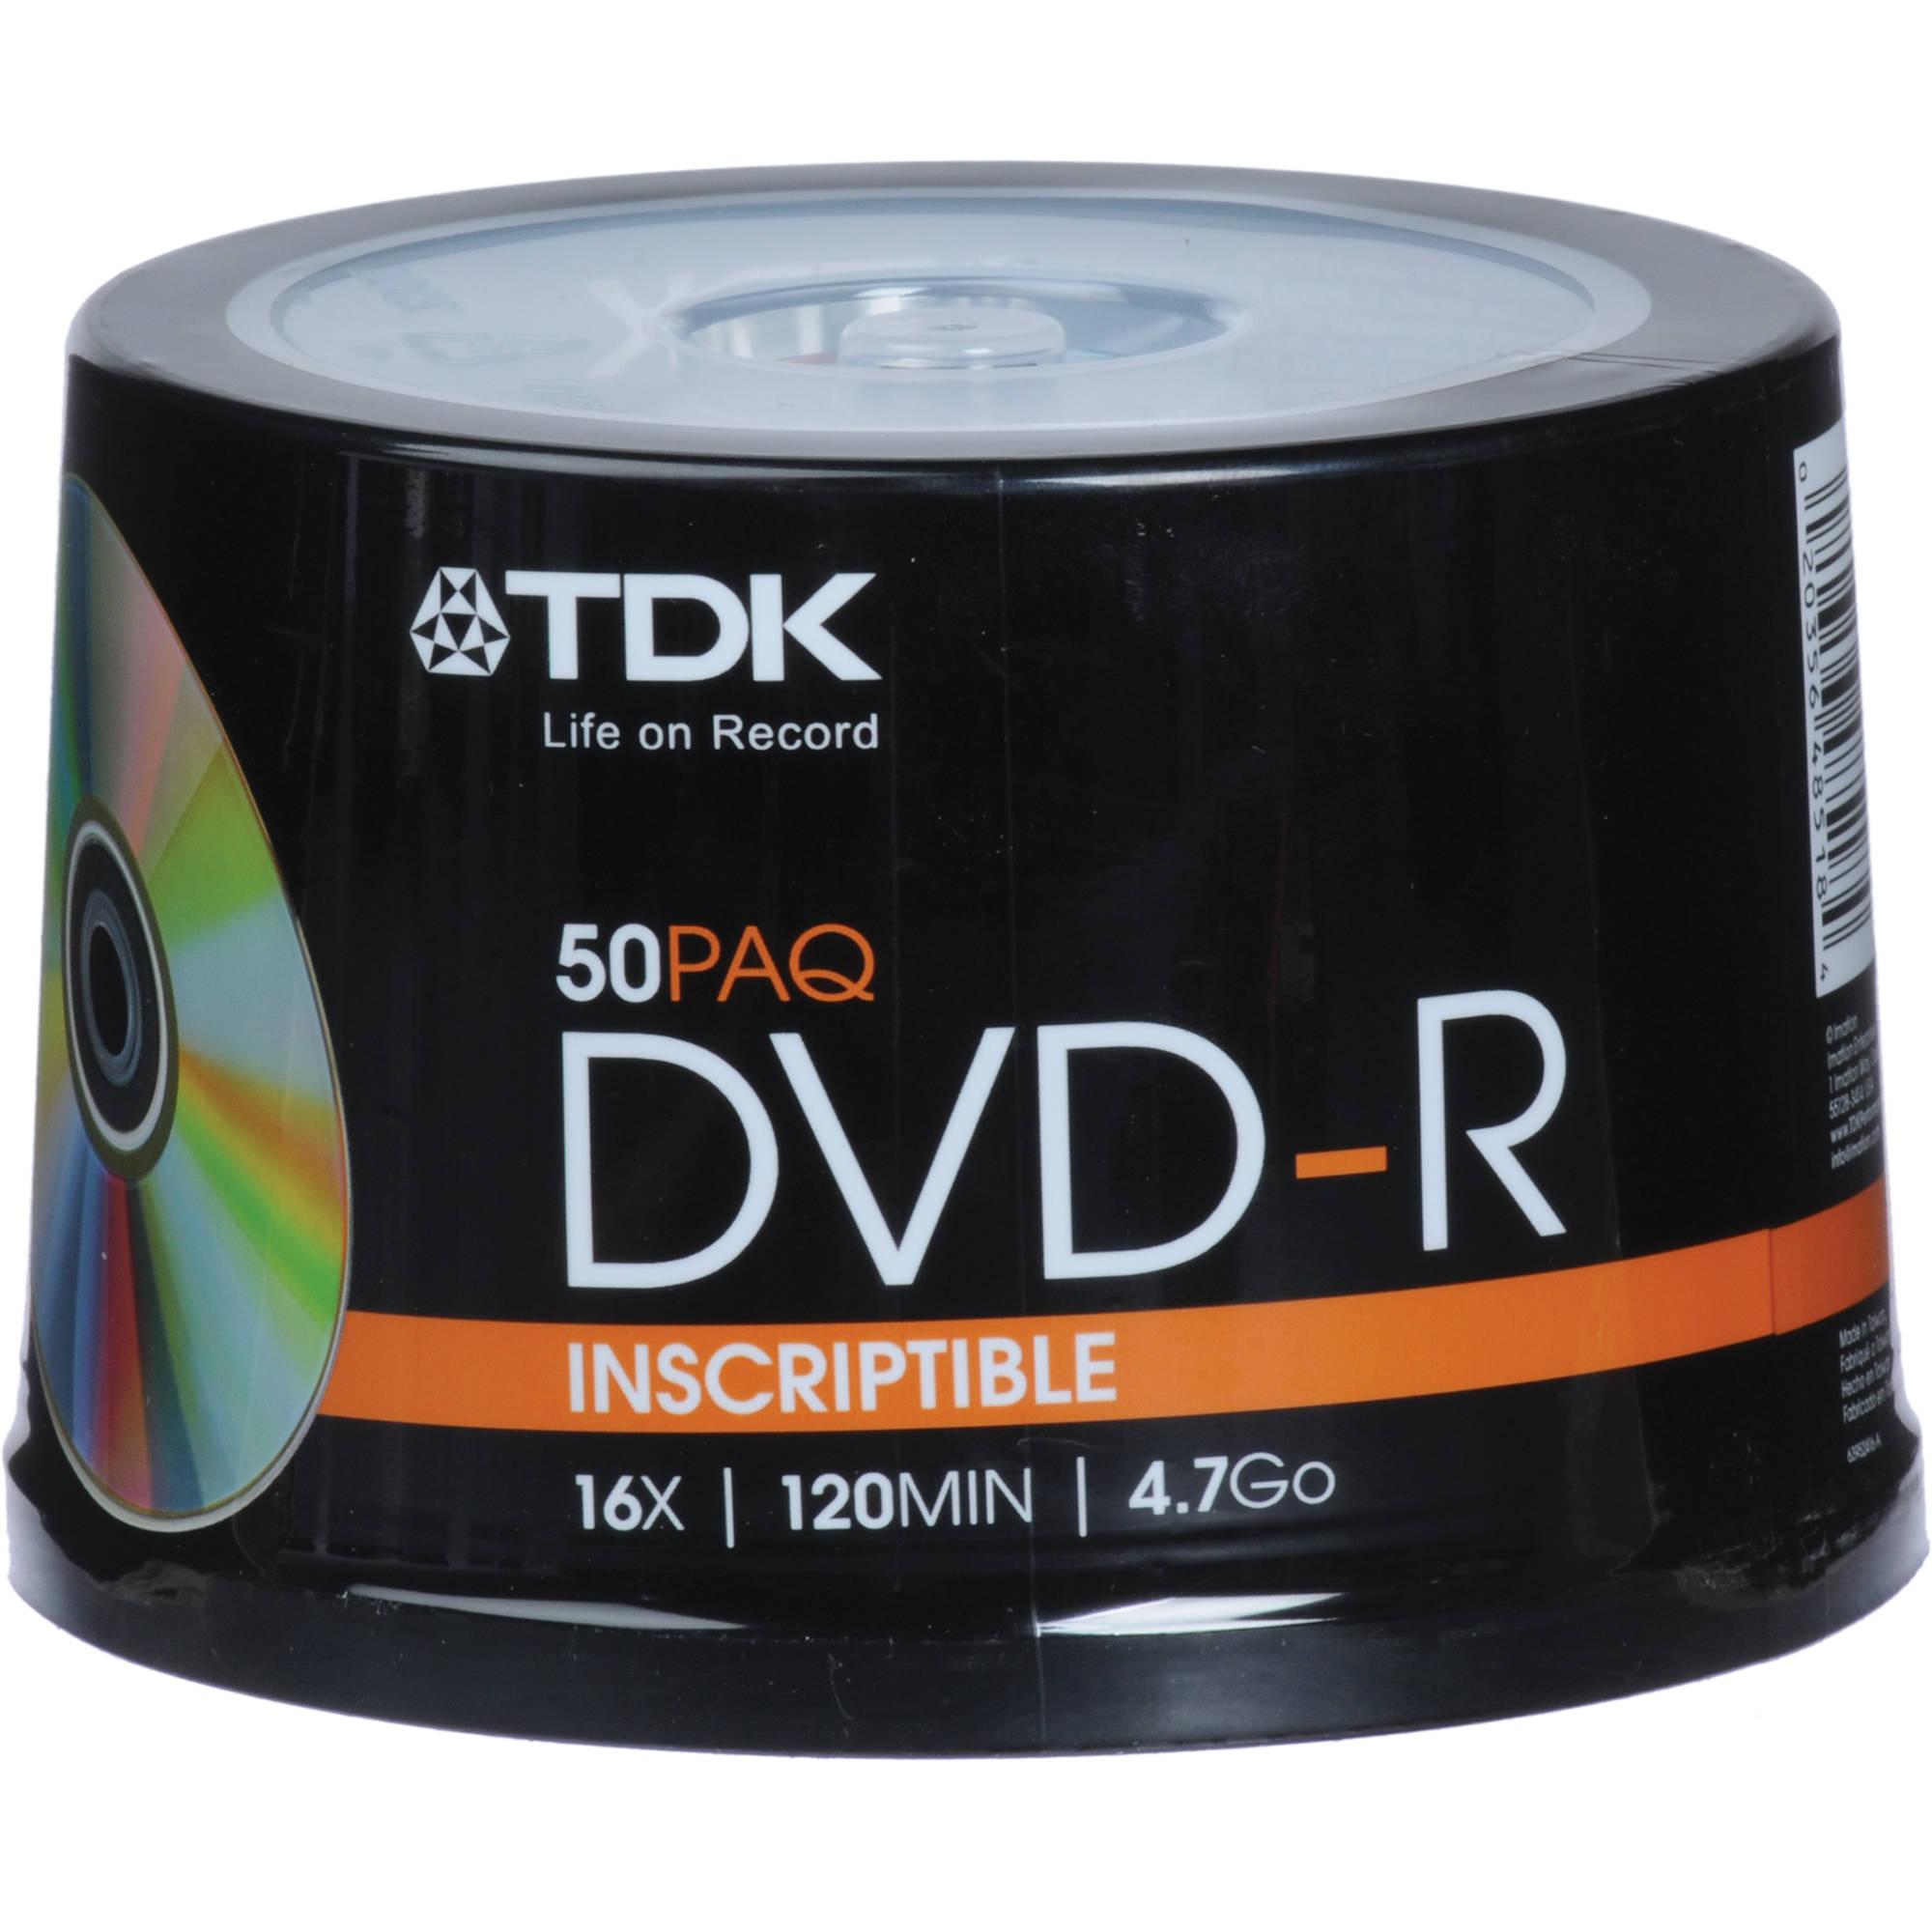 TDK DVD-R 4.7GB, 16X, Recordable Disc 48518 B&H Photo Video